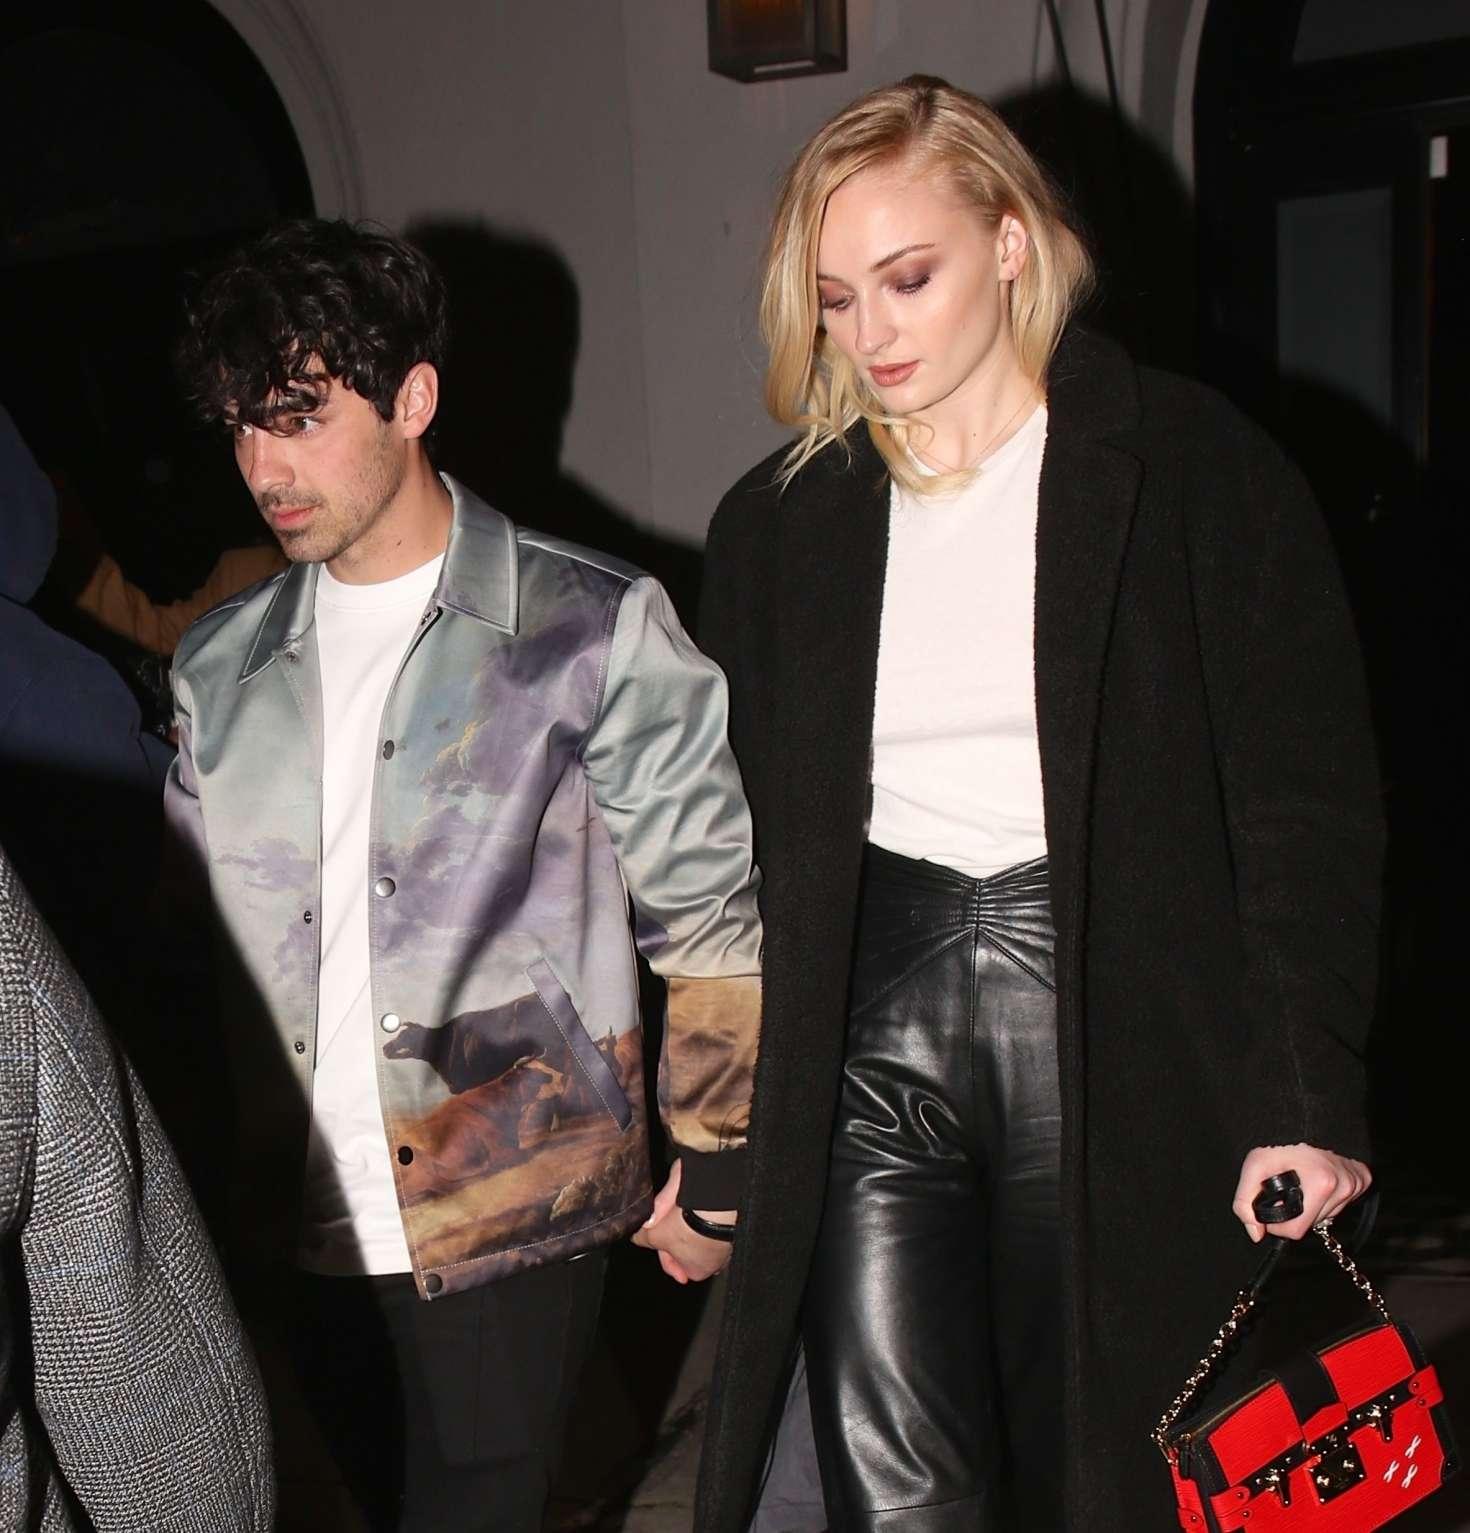 Sophie Turner 2019 : Sophie Turner and Joe Jonas: Exit Craigs in West Hollywood -02